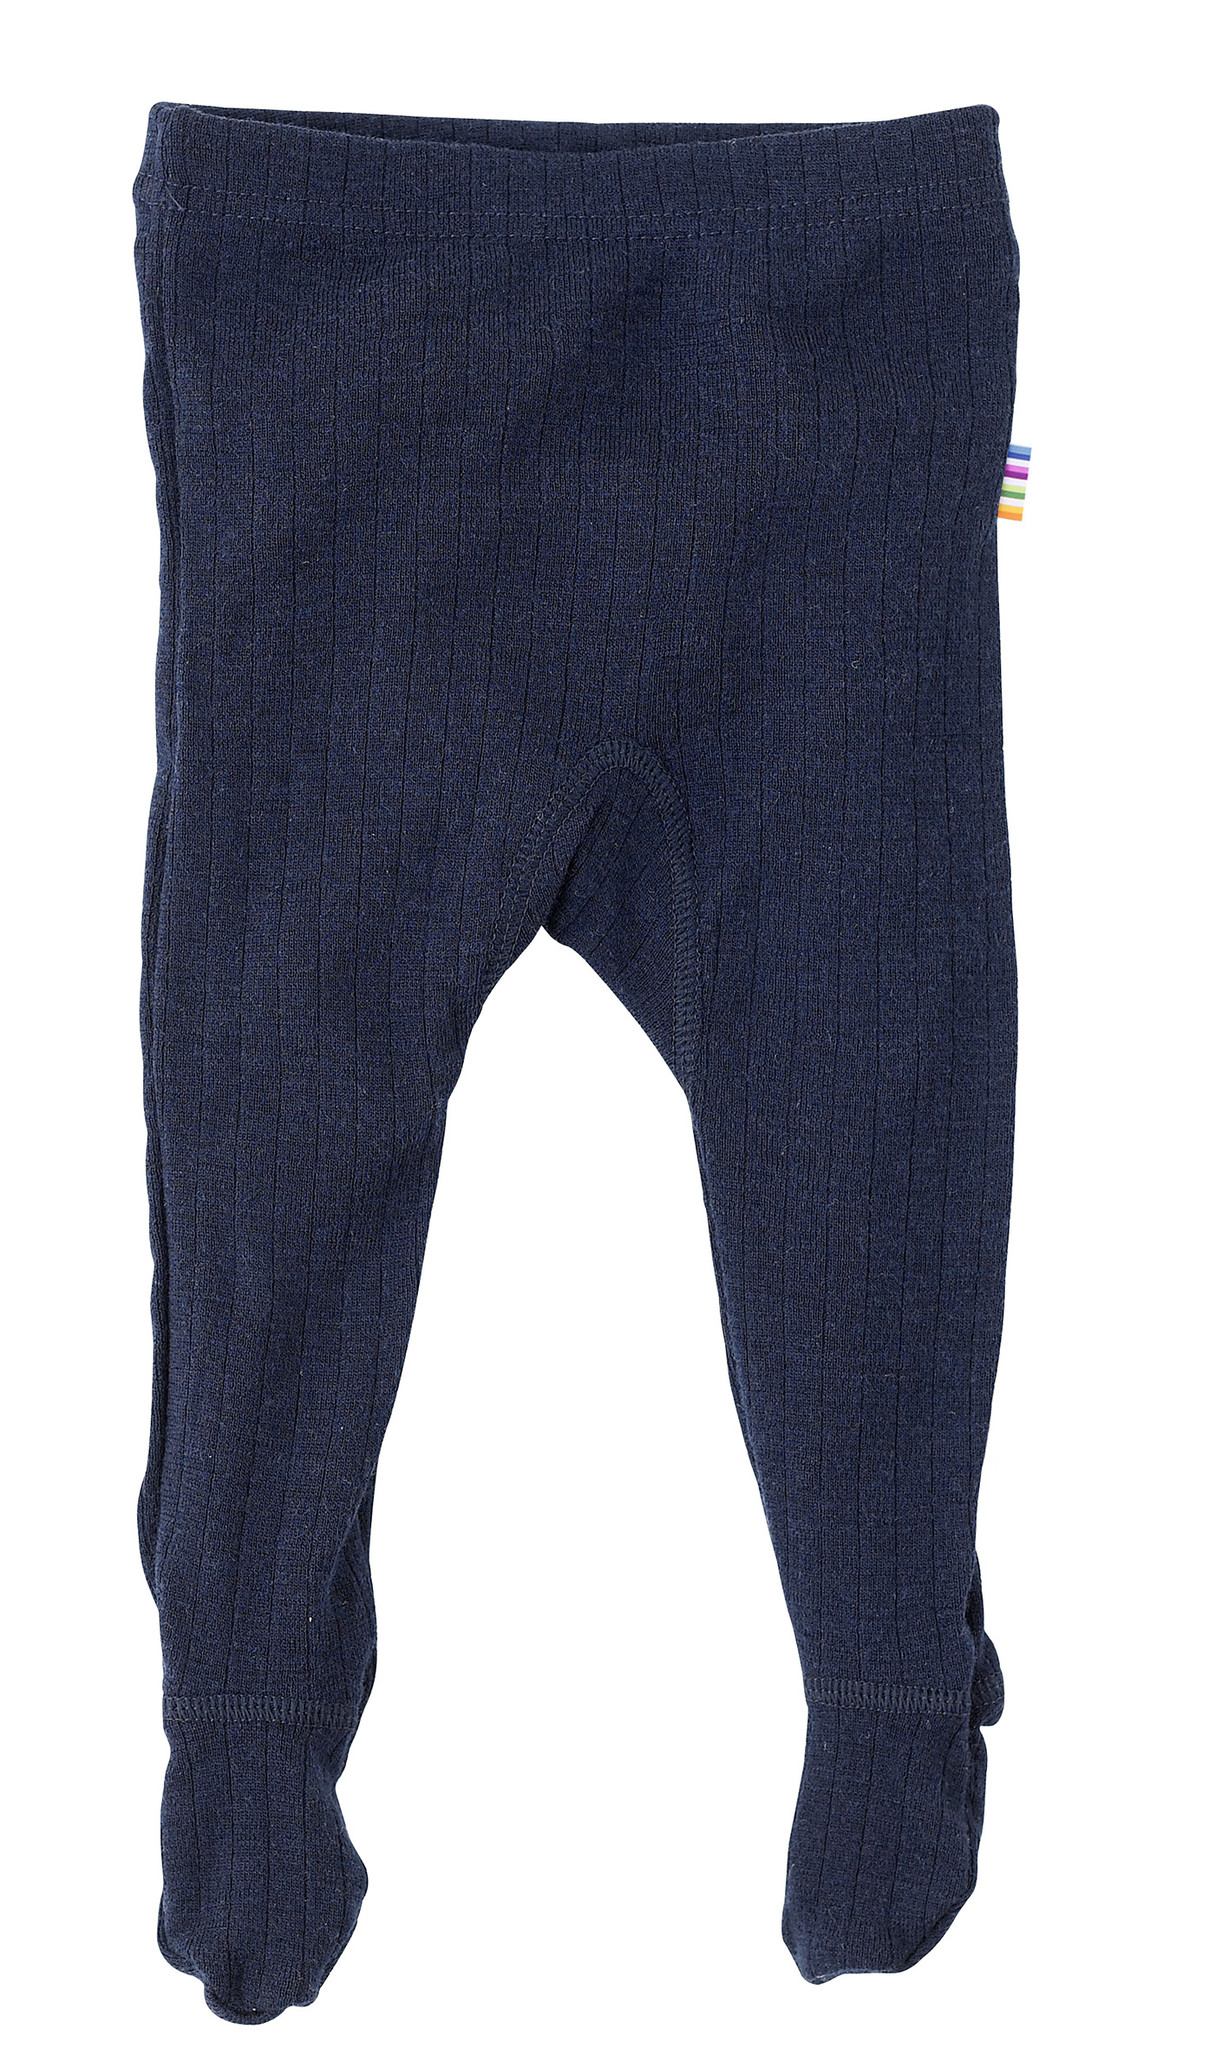 SALE - Baby broekje met voet - merino wol-3